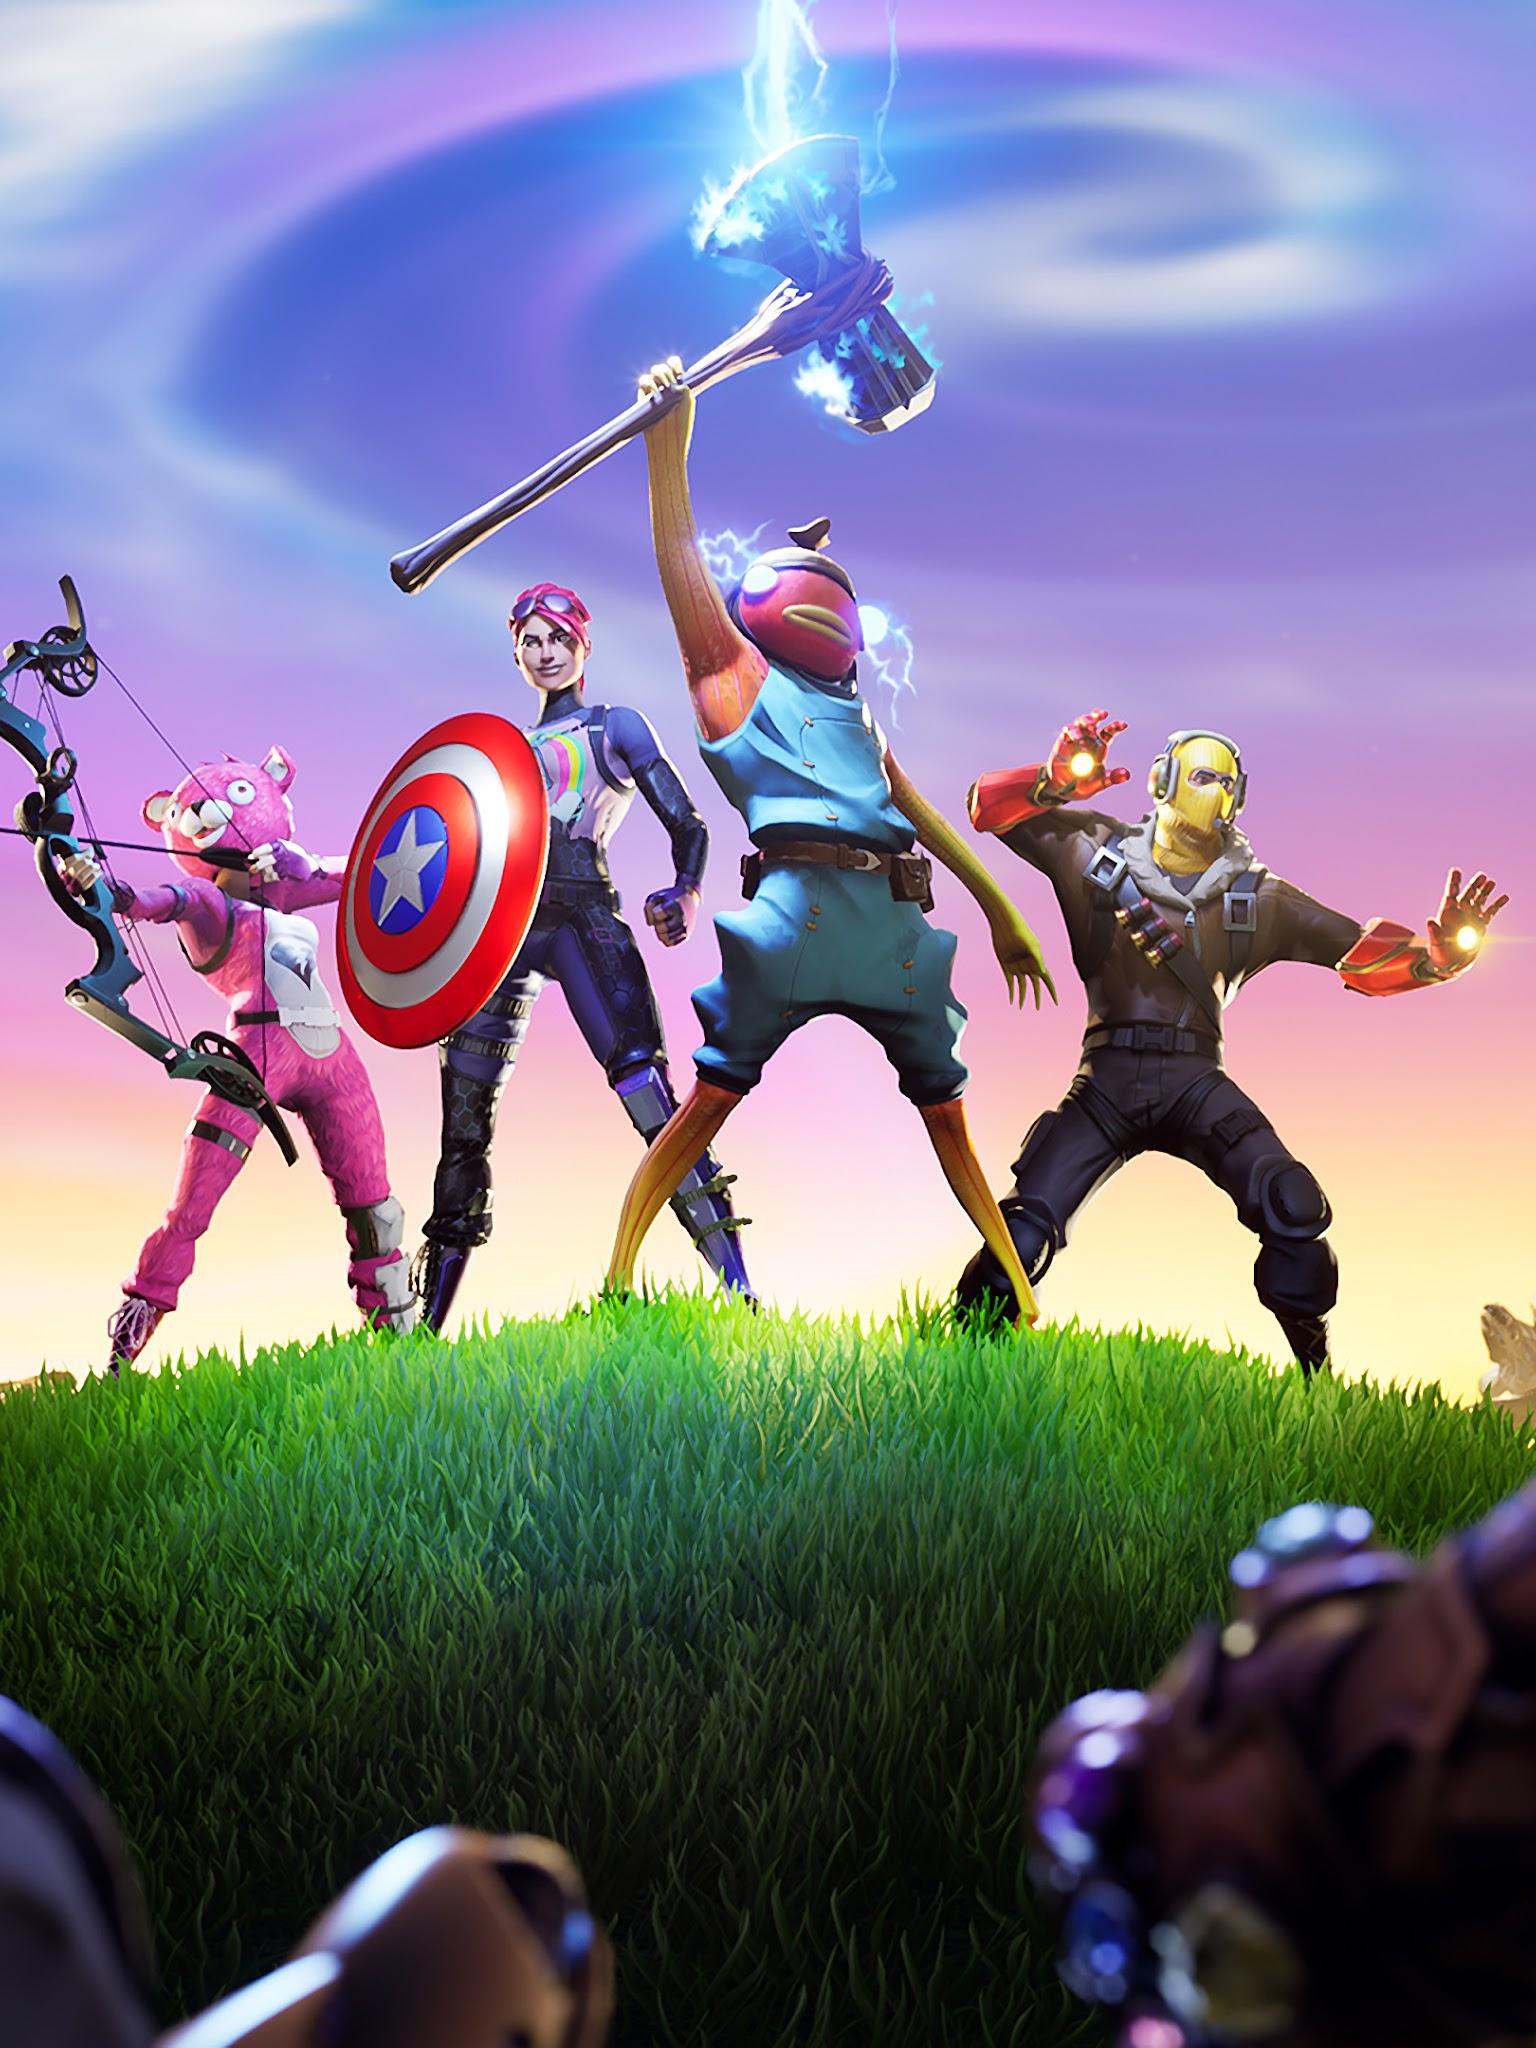 fortnite x avengers stormbreaker - fortnite how to get